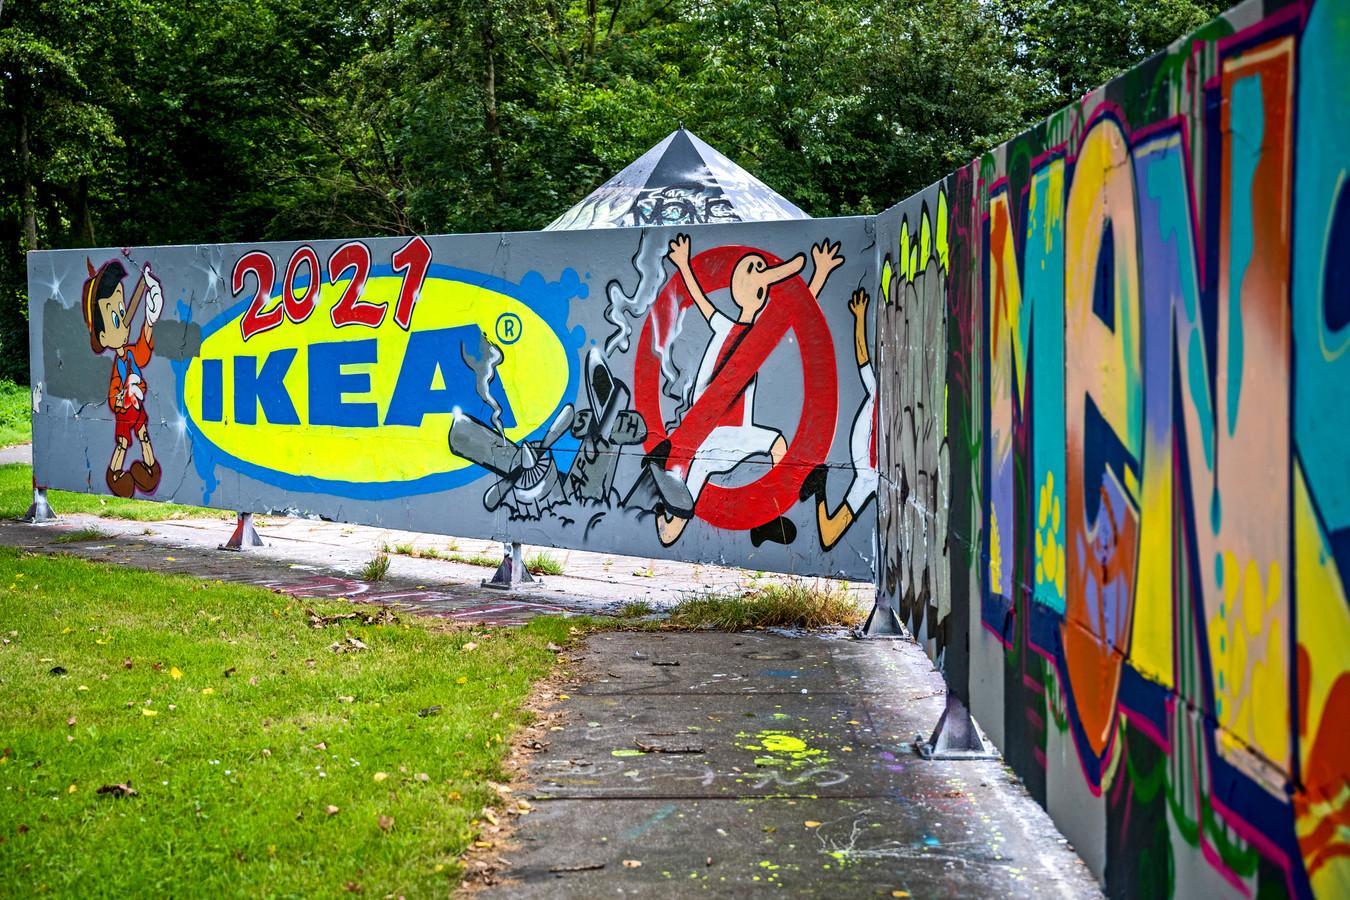 Ook in Capelle aan den IJssel is door Feyenoordfans gemaakte graffiti te zien. De tekening verwijst naar een afgesproken confrontatie tussen Feyenoorders en Ajacieden bij de Ikea in Delft, afgelopen april. De speler heeft volgens de gemeente een Pinokkio-neus